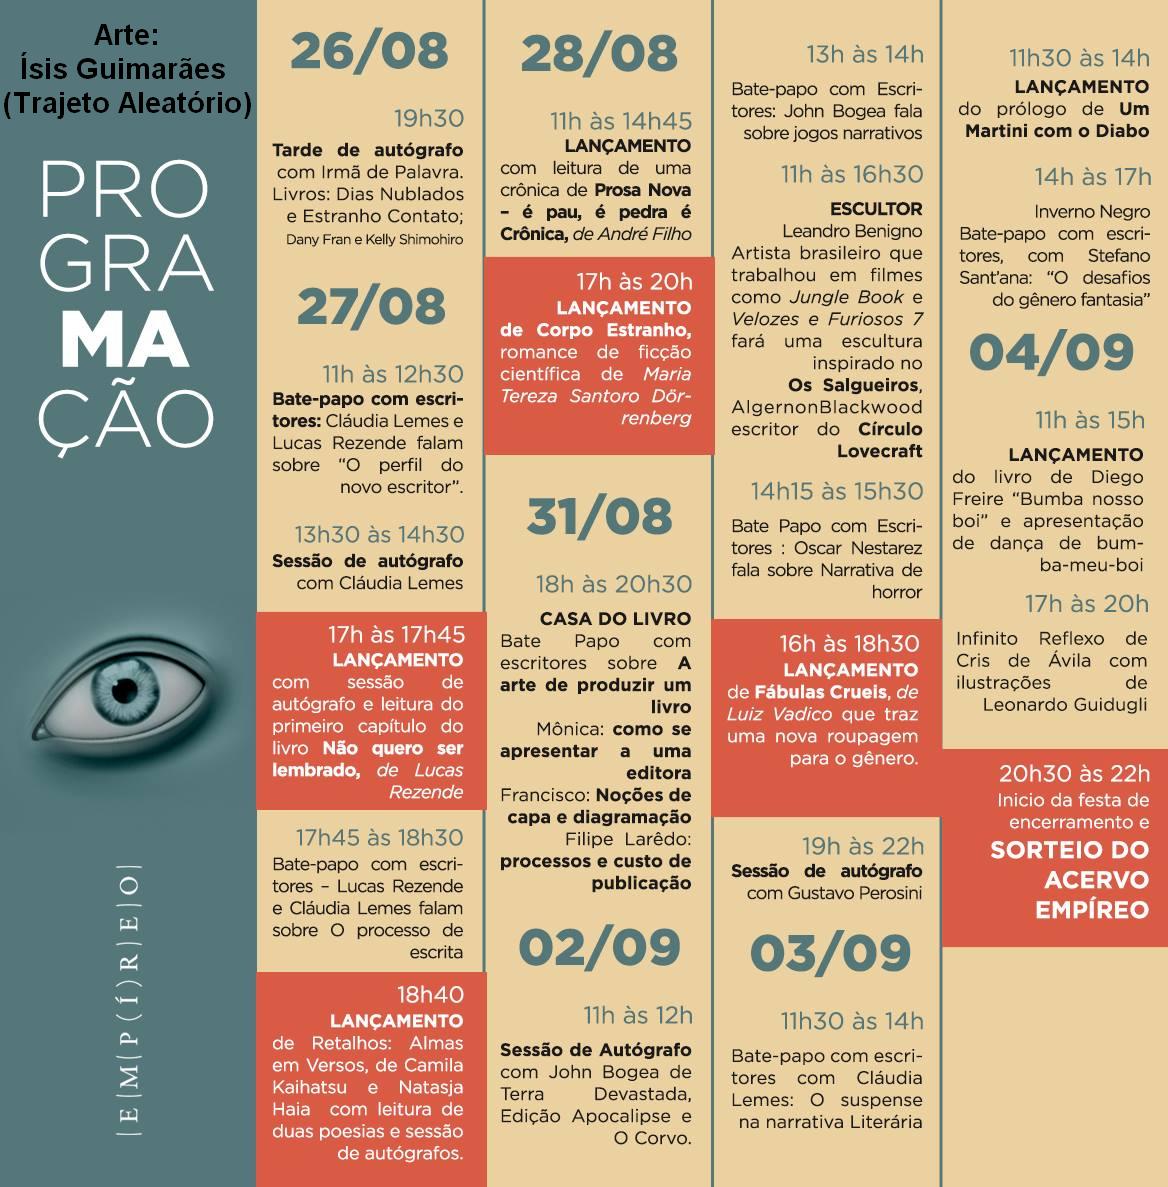 http://trajetoaleatorio.com.br/